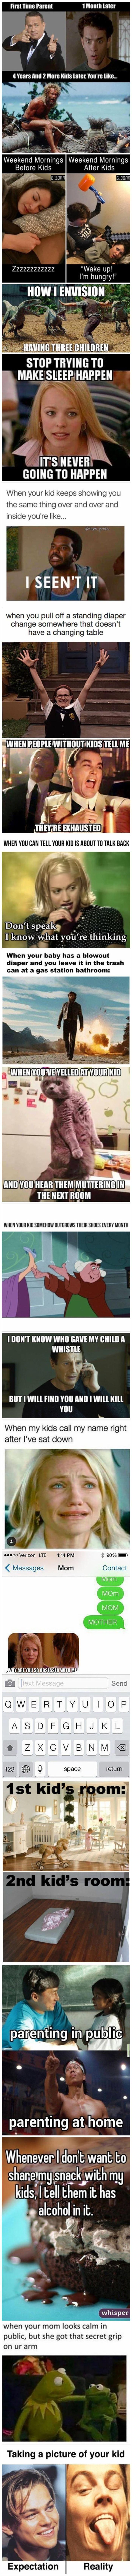 awesome Parenting Memes #parentingmemes #parentingboyshumor